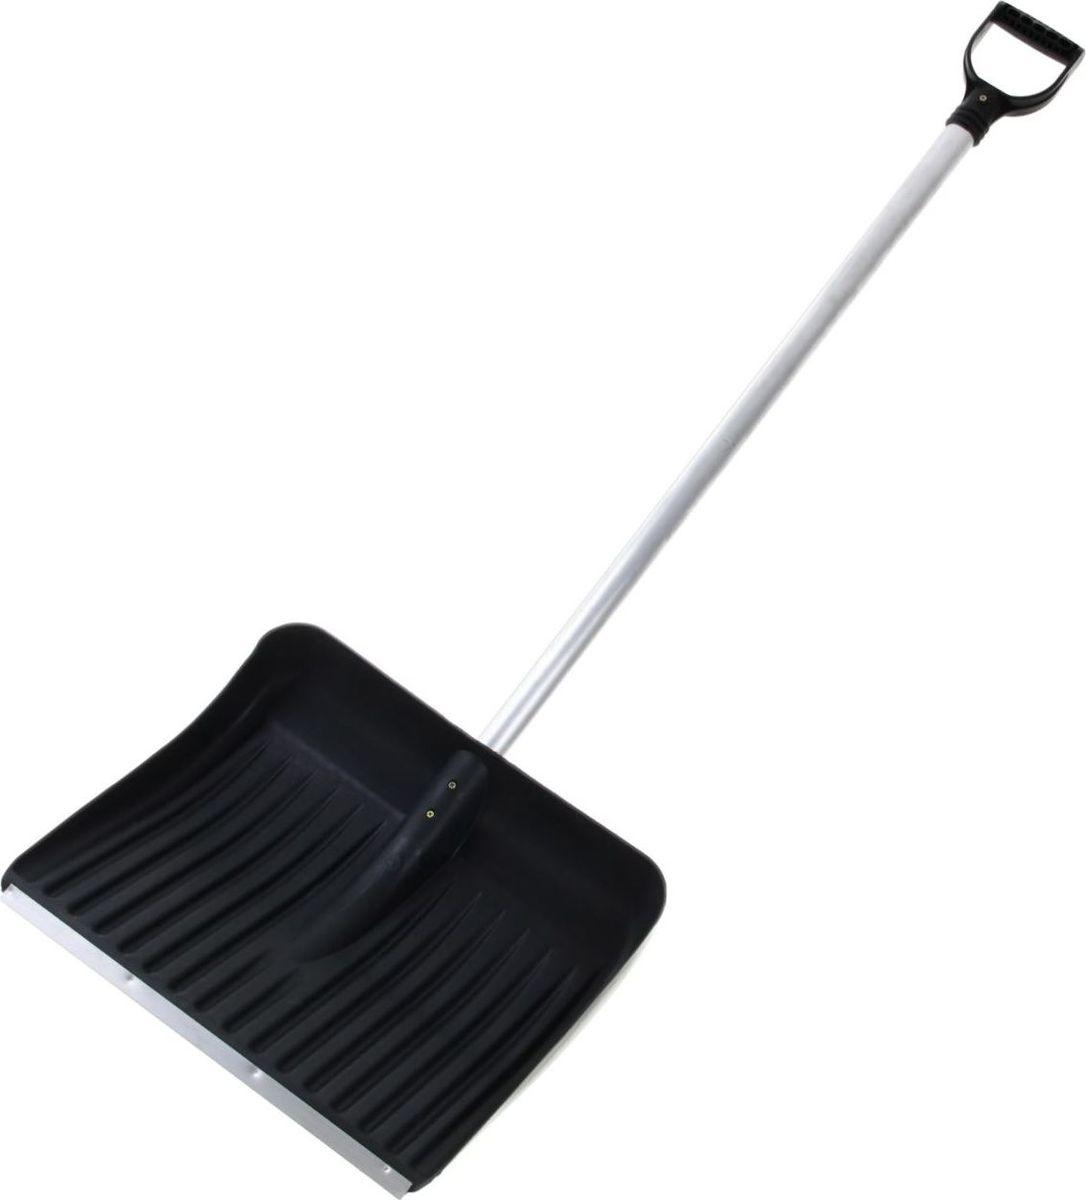 Лопата для снега Альтернатива, с планкой, черенком и ручкой, 48,5 х 38,5 х 13 см1015978Лопата предназначена для уборки снега. С помощью лопаты вы легко расчистите дорогу. Вы также можете использовать её для комплектации зерновых инструментов. Рабочая часть инструмента выполнена из качественного пластика: она лёгкая и при этом прочная. Специальная металлическая планка увеличивает срок службы изделия.Материал: пластик, метал.